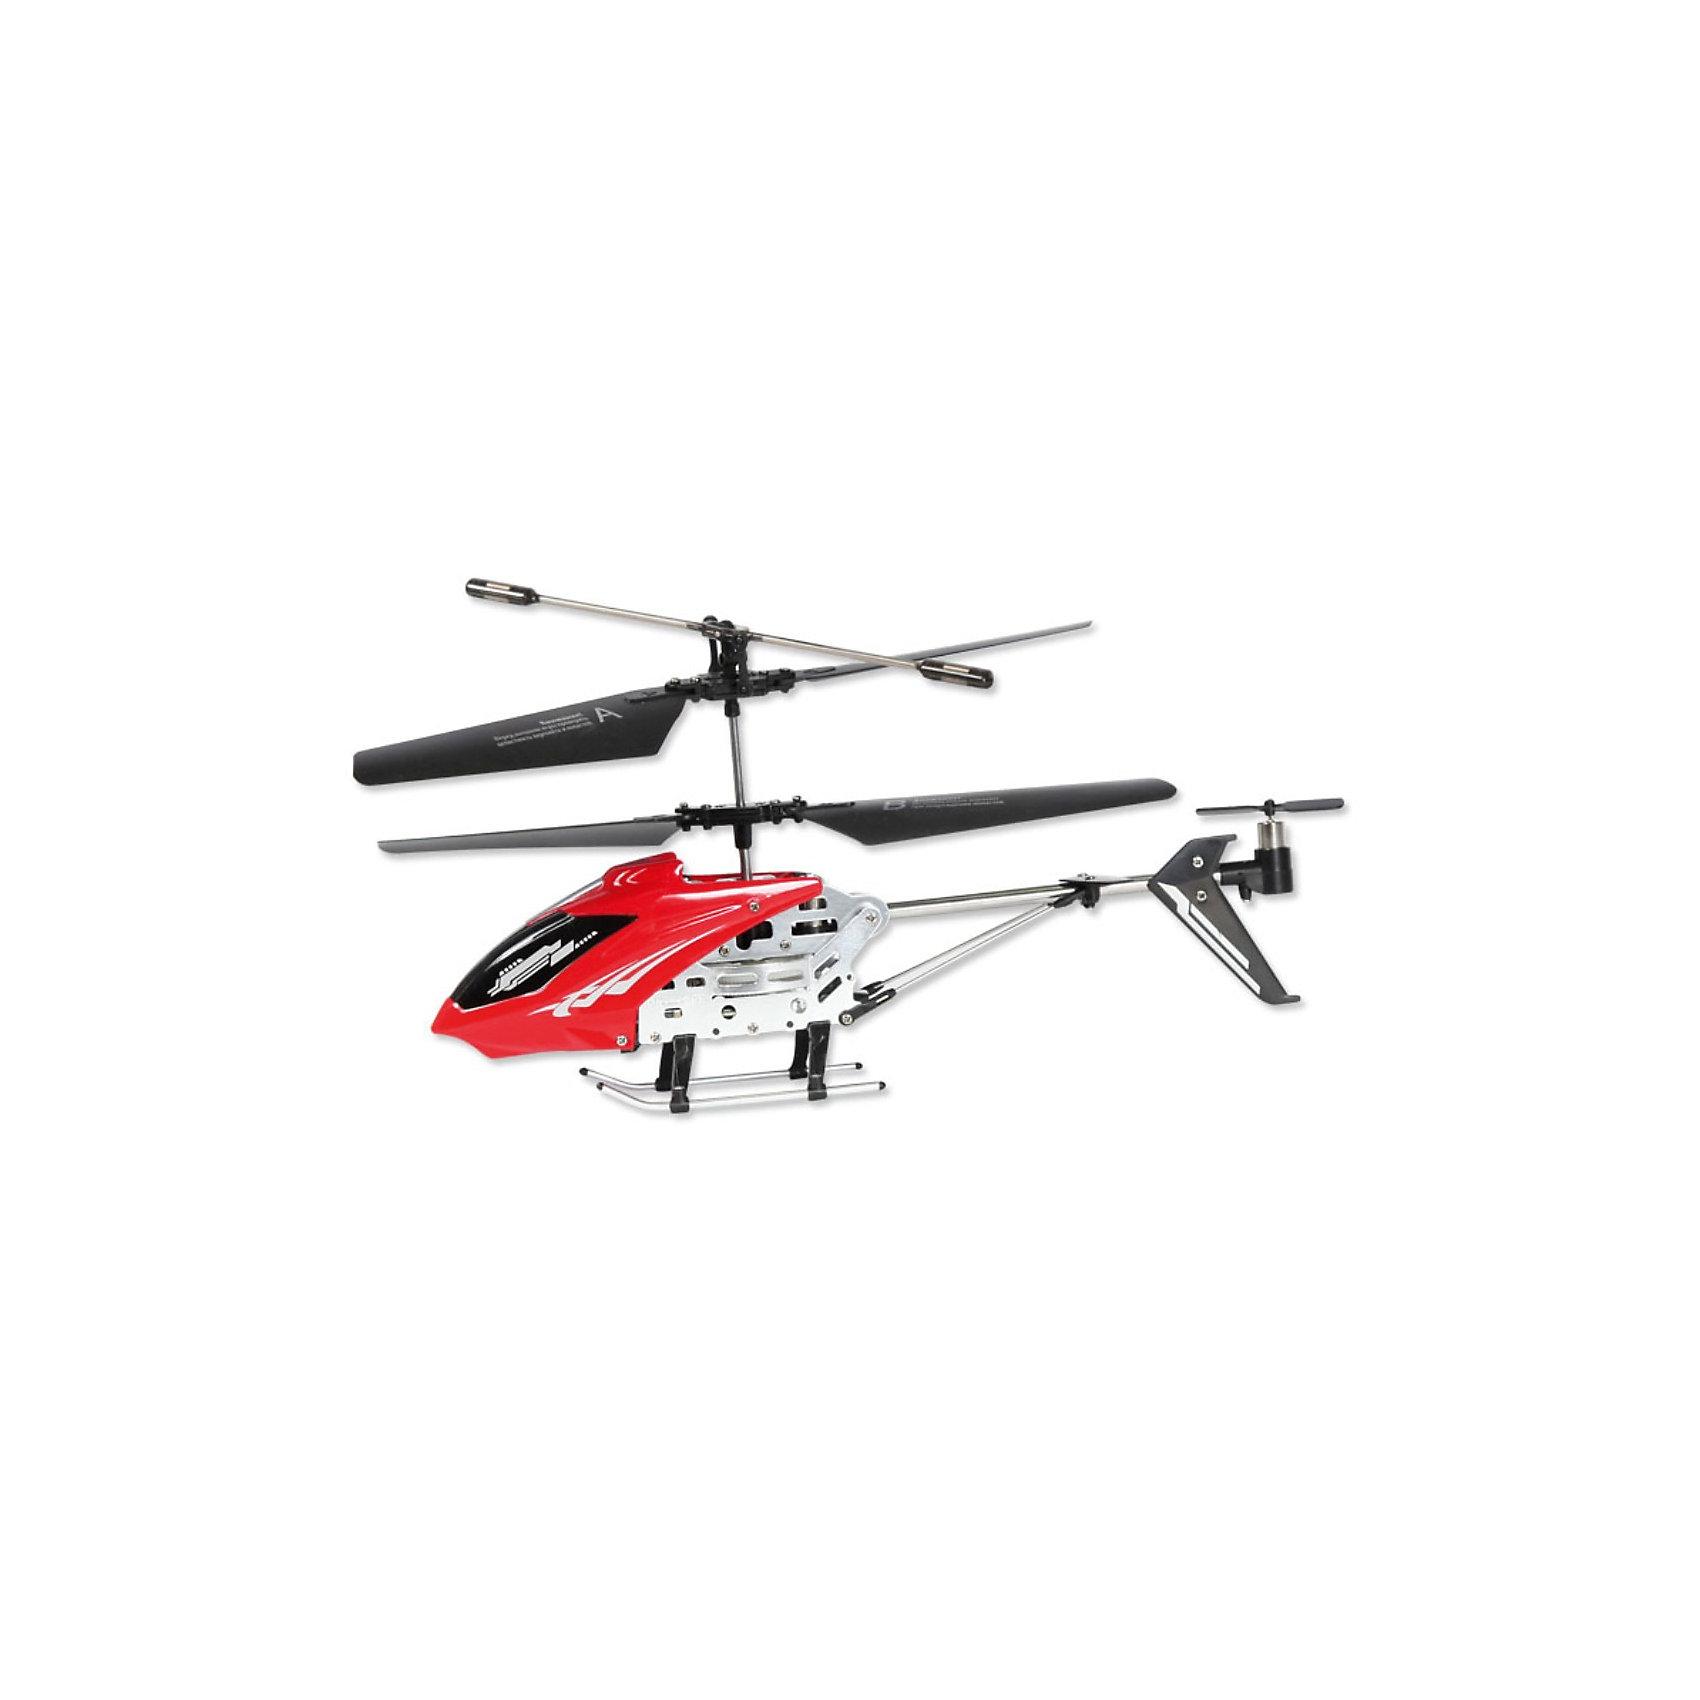 Вертолет IR -107, на и/к управлении, Mioshi TechВертолет Mioshi IR-107 оснащен гироскопом и 3-хканальной системой дистанционного управления, благодаря чему модель стабильна в управлении. Движения вертолета плавные, без вращения на взлете. Наличие встроенного гироскопа делает полет сбалансированным и не позволяет сбиться с намеченного курса. Такие вертолеты относятся к усовершенствованным радиоуправляемым игрушкам, пилотировать которые могут даже дети.<br>За счет небольшого веса (всего 40 г) и легкой металлической конструкции вертолет не получает серьезных повреждений, которые возможны при первых запусках. Управлять вертолетом возможно в следующих направлениях: вверх-вниз, движение влево-вправо, движение вперед-назад.<br>В воздухе могут одновременно парить несколько вертолетов., что возможно благодаря разным каналам, которые соединяют вертолет и пульт.<br> <br>Дополнительная информация:<br><br>- Время полета: 6,5 – 7,5 мин на расстоянии до 10 м<br>- Максимальная скорость: 10 км/ч.<br>- Время зарядки: 48-51 мин<br>- Батарея: 3.7V 180mAh <br>- Зарядка от USB-порта, зарядный кабель в комплекте<br>- Возможность зарядки от пульта дистанционного управления<br>- Питание пульта ДУ: 6 батареек типа AA (приобретаются отдельно)<br>- Размеры вертолета: 220 x 38 x 98 мм.<br>- Диаметр несущего винта: 187 мм.<br>- Вес упаковки: 720 г.<br>- Размеры упаковки: 510 х 190 х 85 мм<br>- Комплект поставки: собранный, полностью готовый к полету вертолет, инфракрасный пульт ДУ, кабель USB для зарядки, два запасных хвостовых винта, четыре запасные лопасти, два запасных крепления стабилизатора, набор шестеренок, инструкция<br>- Материал: высококачественный пластик, металл<br><br>Вертолет IR -107,  красный, на и/к управлении, Mioshi Tech  можно купить в нашем магазине.<br><br>Ширина мм: 510<br>Глубина мм: 190<br>Высота мм: 85<br>Вес г: 720<br>Возраст от месяцев: 72<br>Возраст до месяцев: 1188<br>Пол: Мужской<br>Возраст: Детский<br>SKU: 3703437